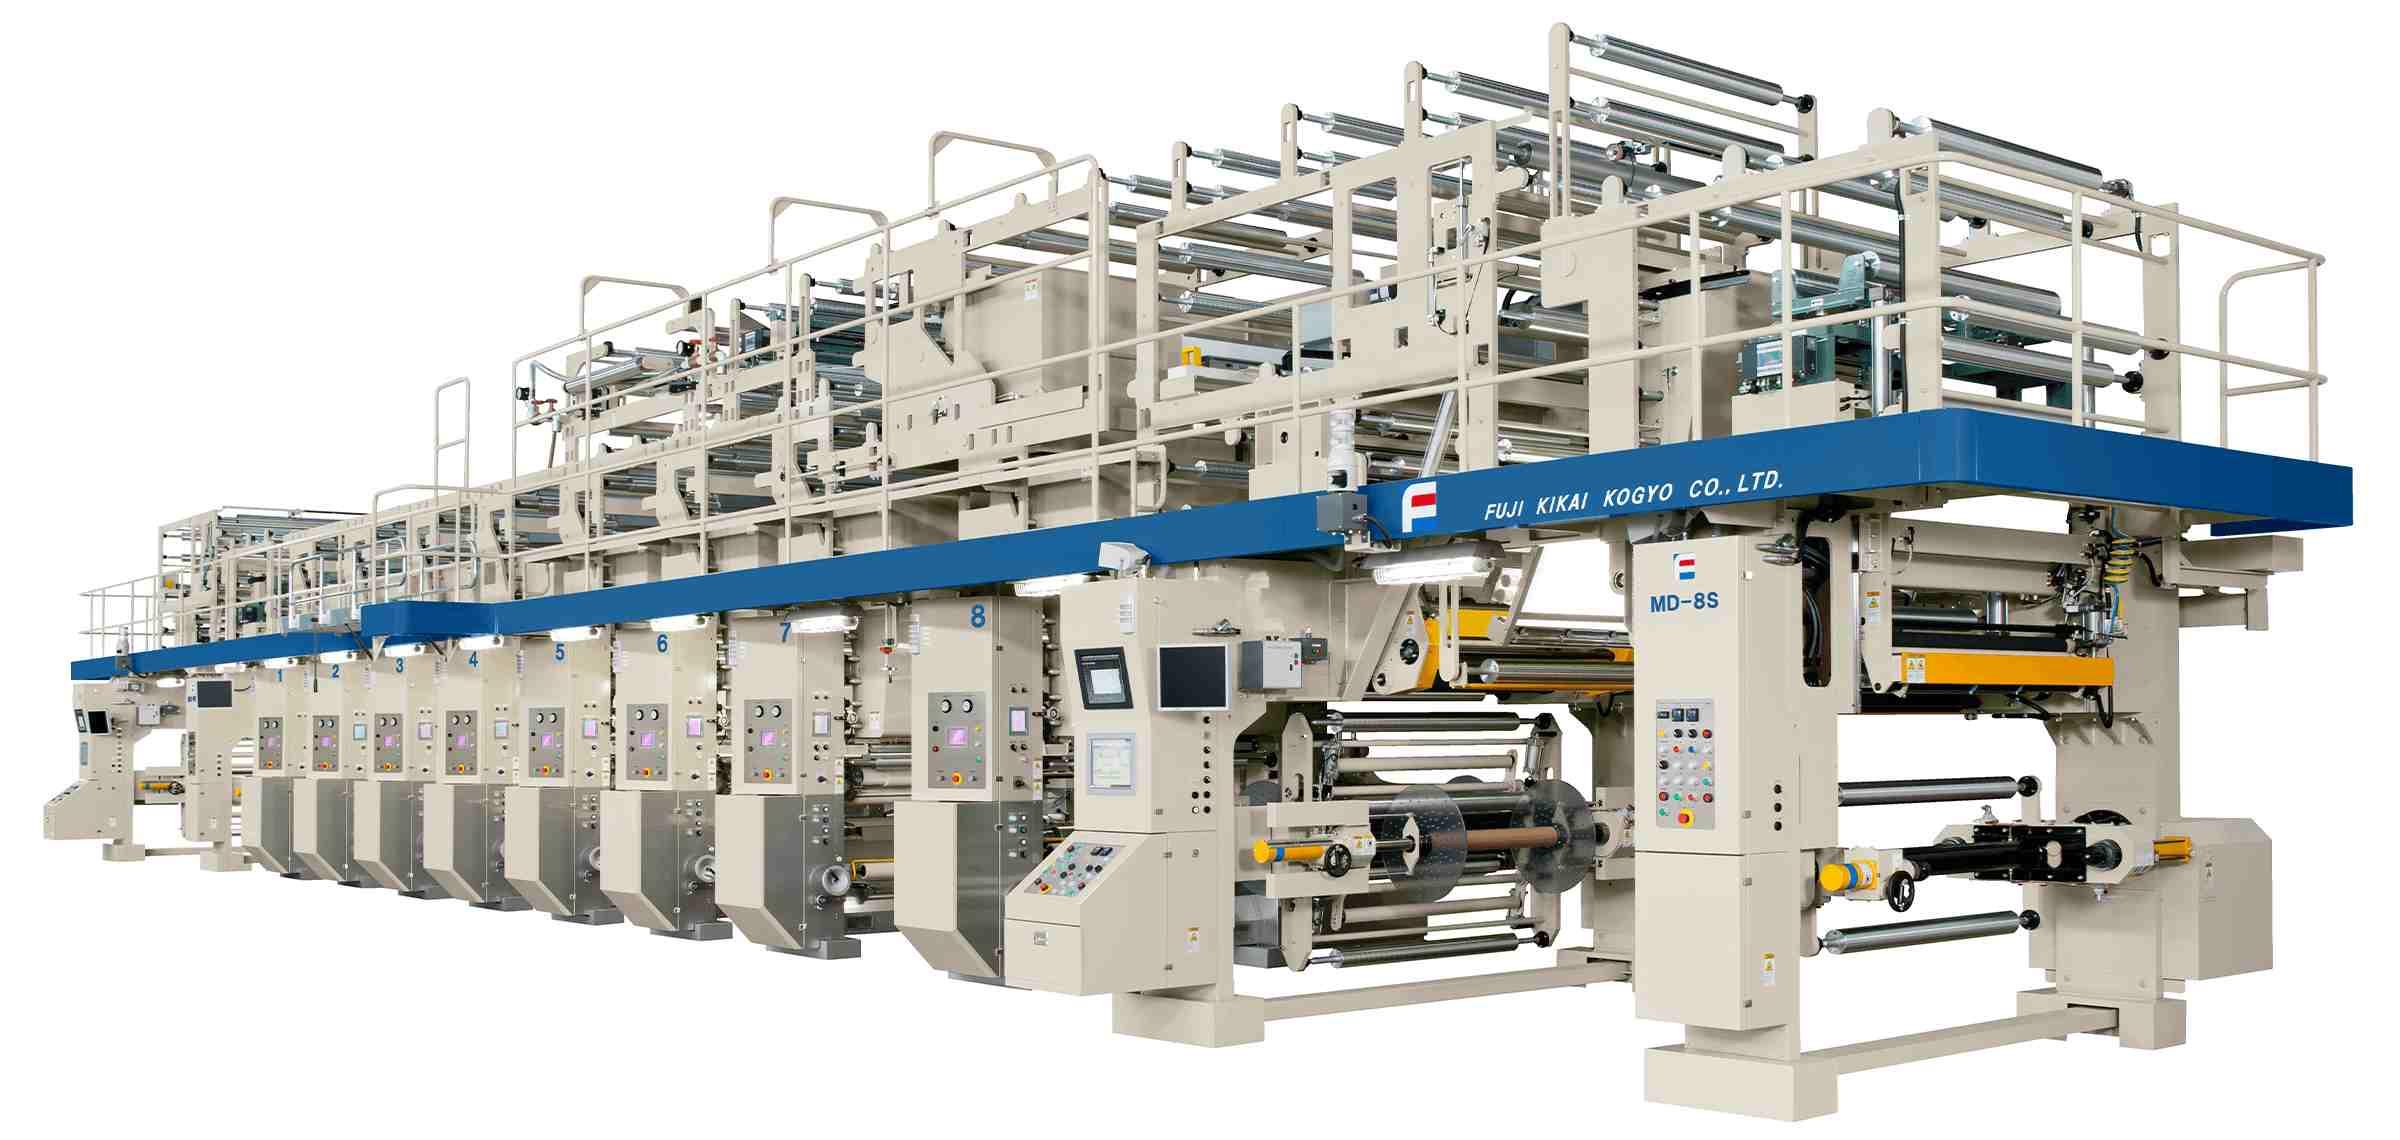 Jual Mesin Printing Rotogravure Berkualitas dengan Harga Terbaik